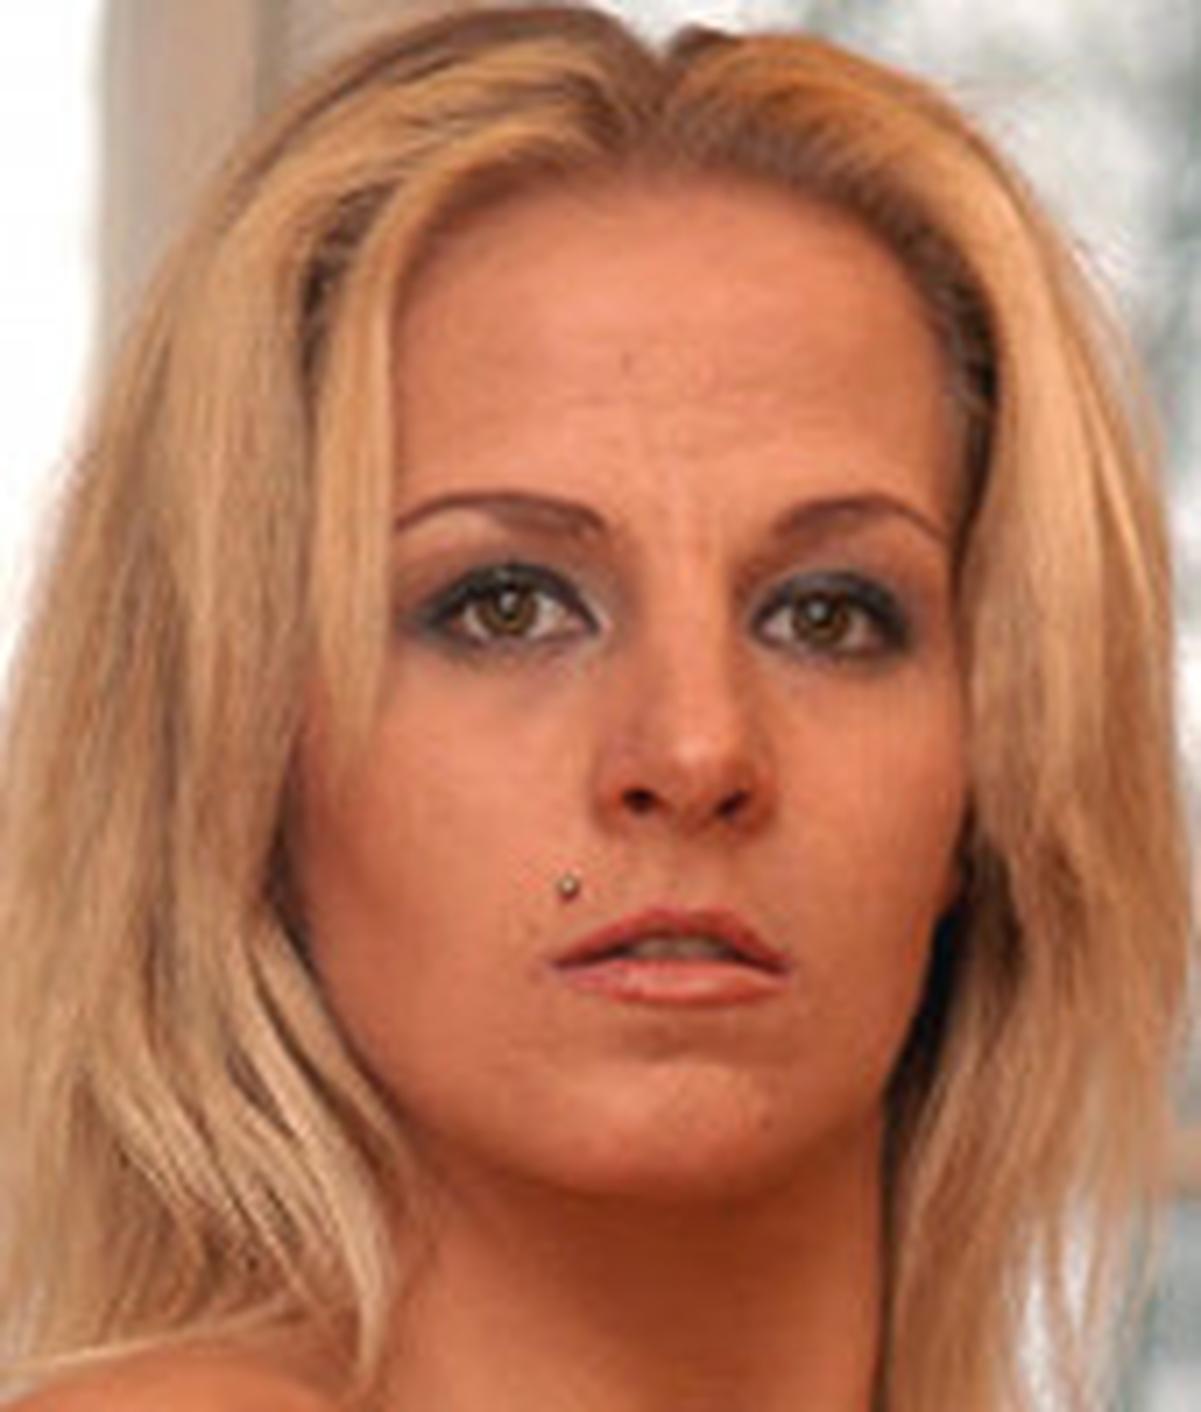 Stefanie Van Eckten | Wiki | Everipedia